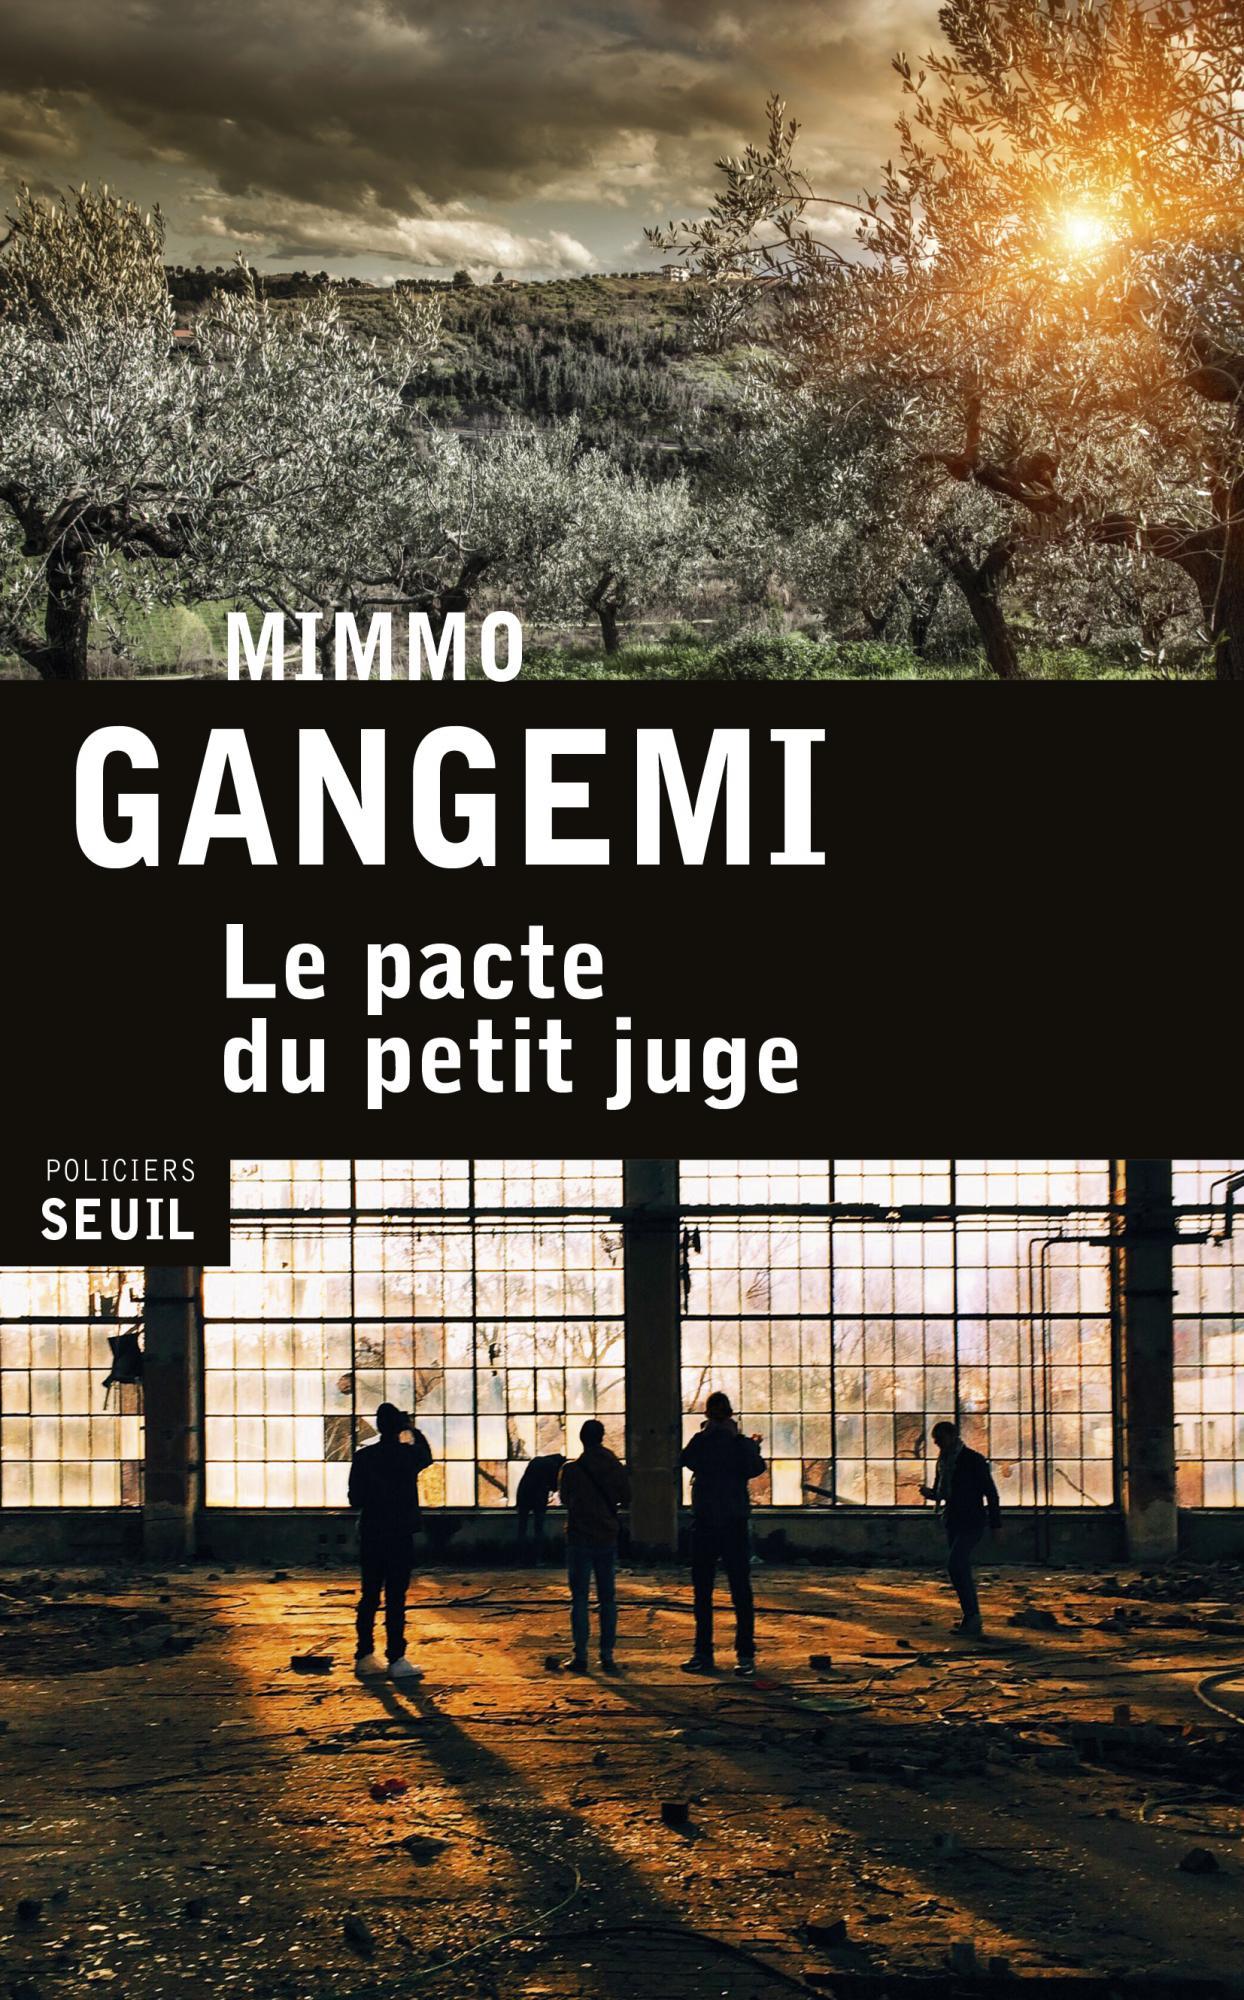 Le pacte du petit juge - Gangemi Mimmo